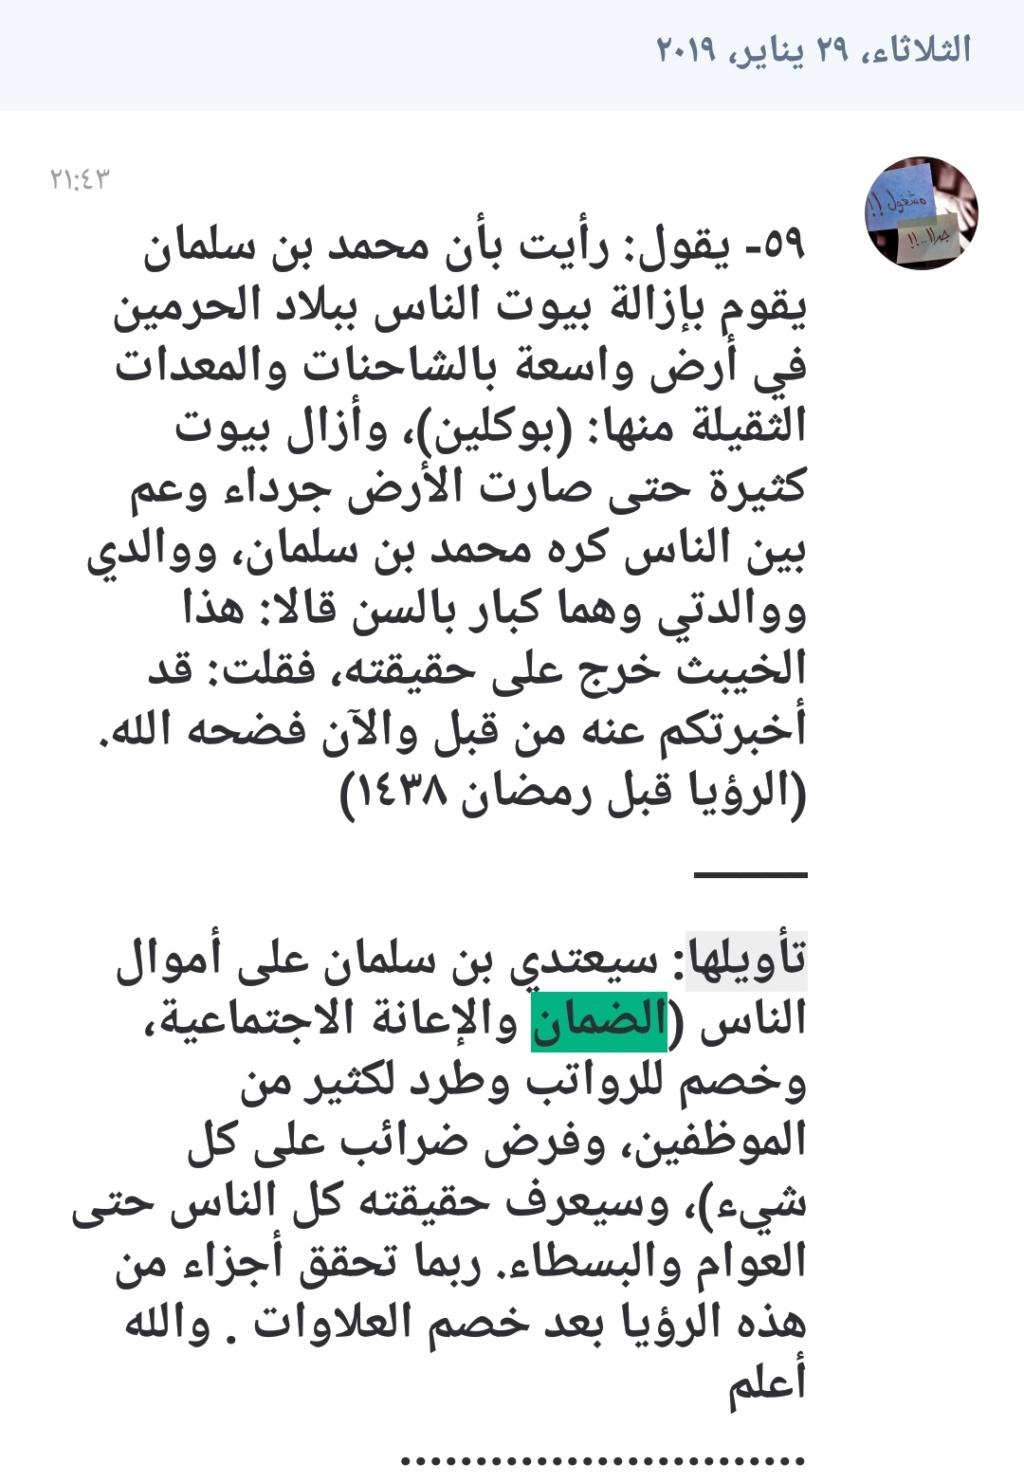 أخبار بلاد الحرمين وباقي الجزيرة...  Img_ee11